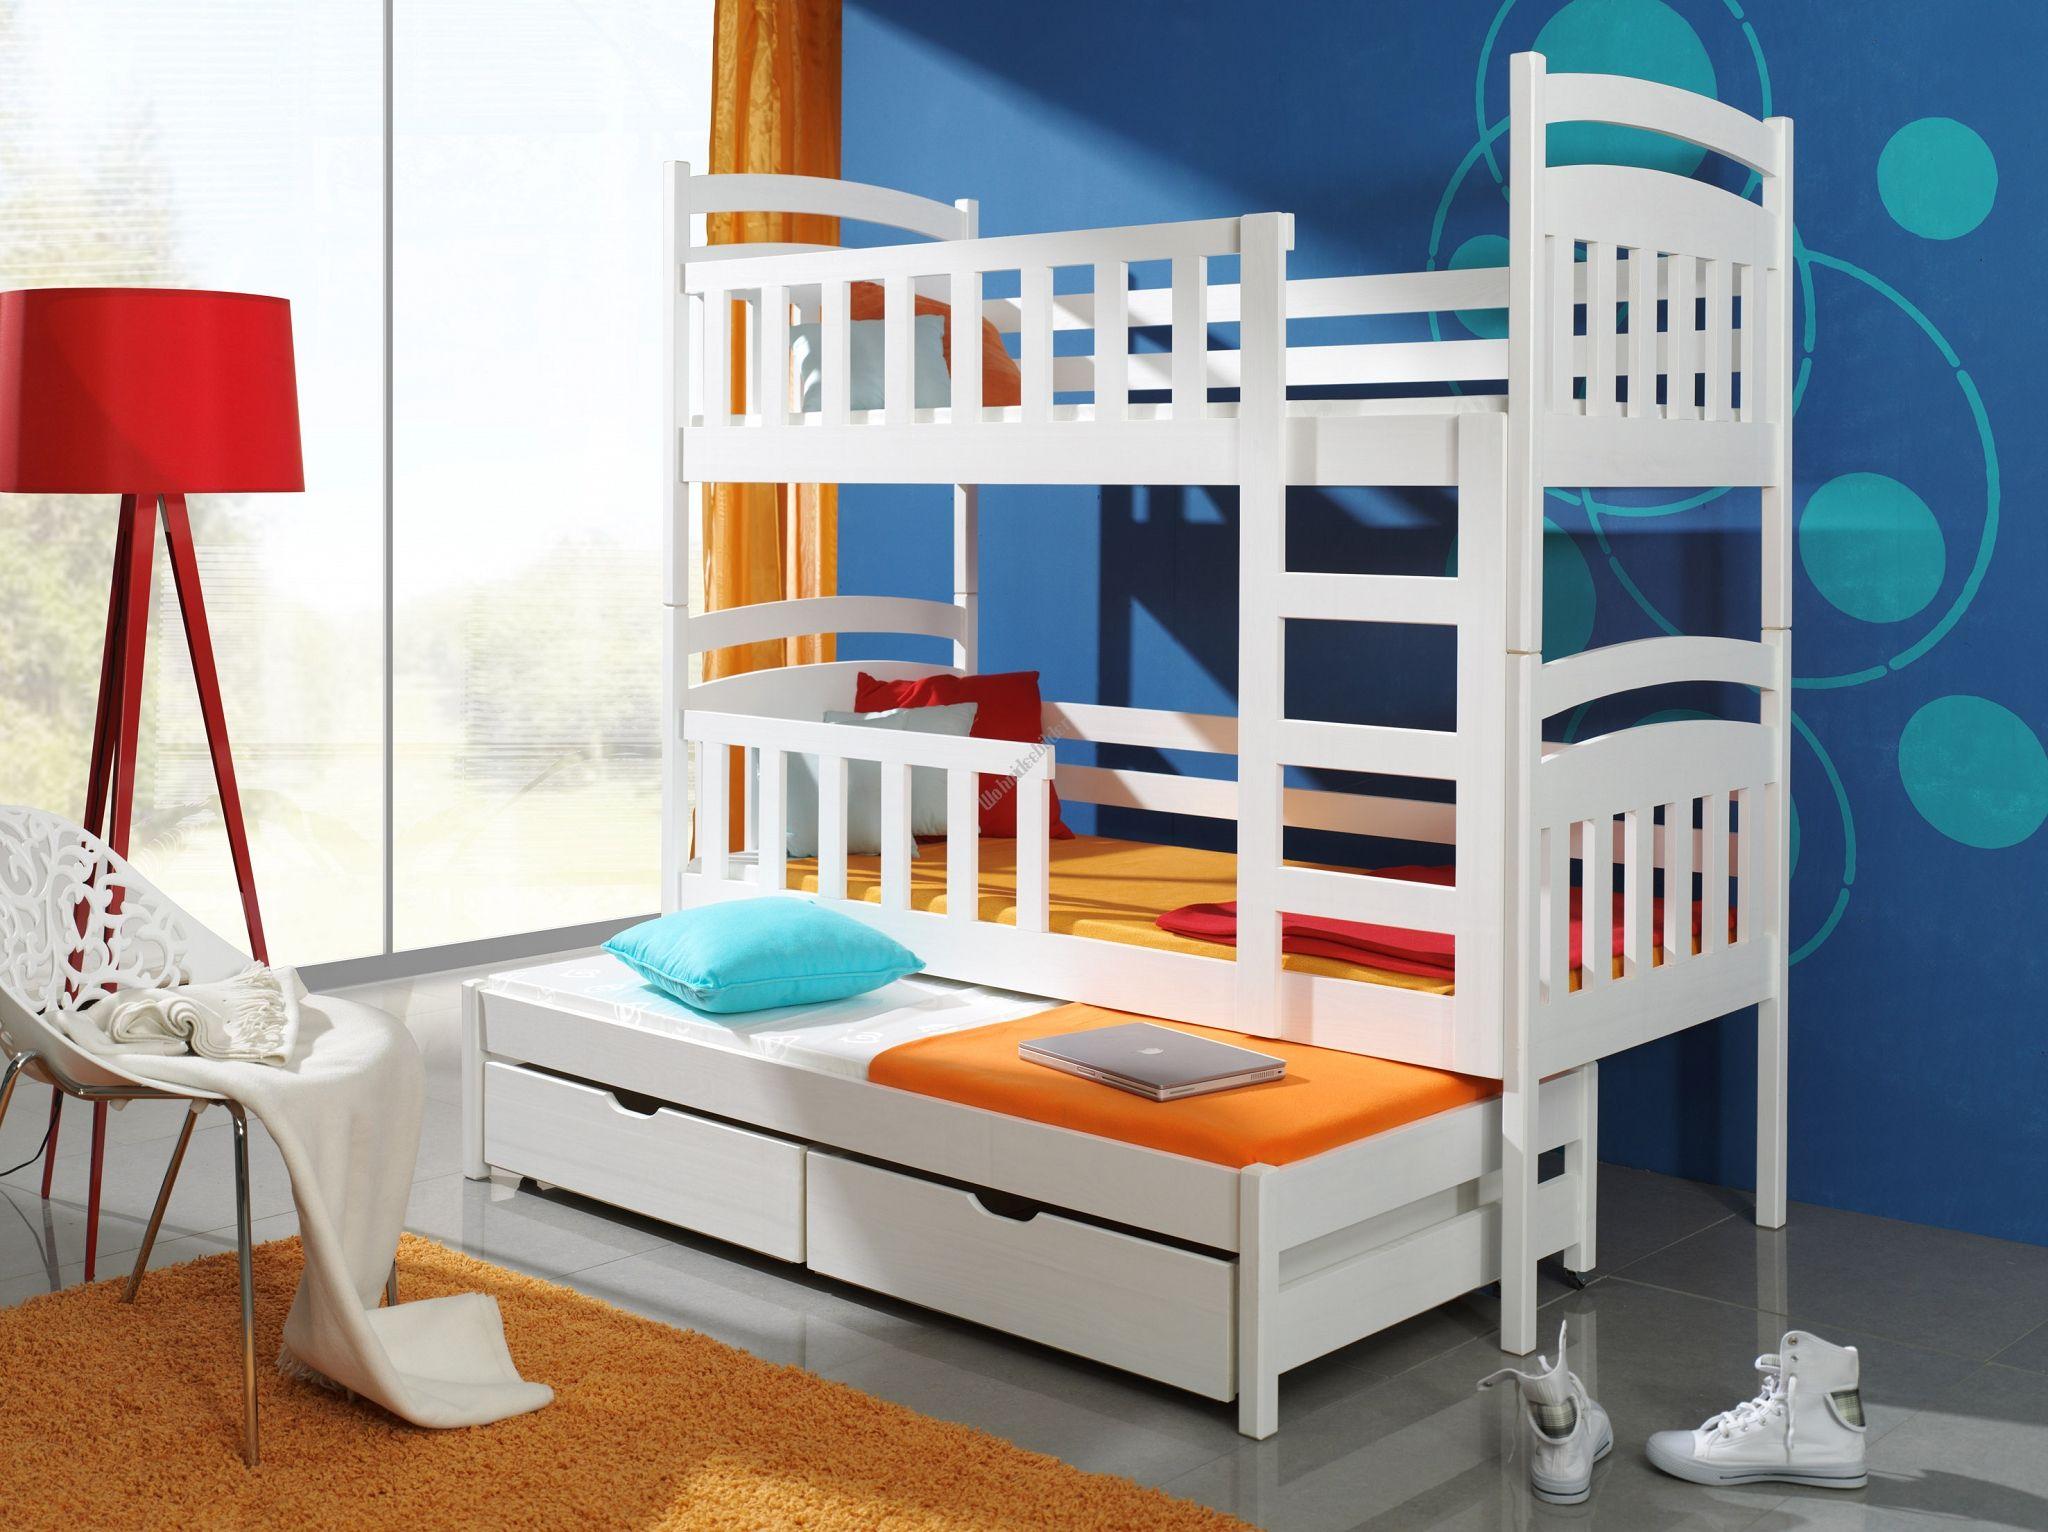 Etagenbett 3 Personen : Etagenbett hochbett kinderbett doppelbett ma für personen